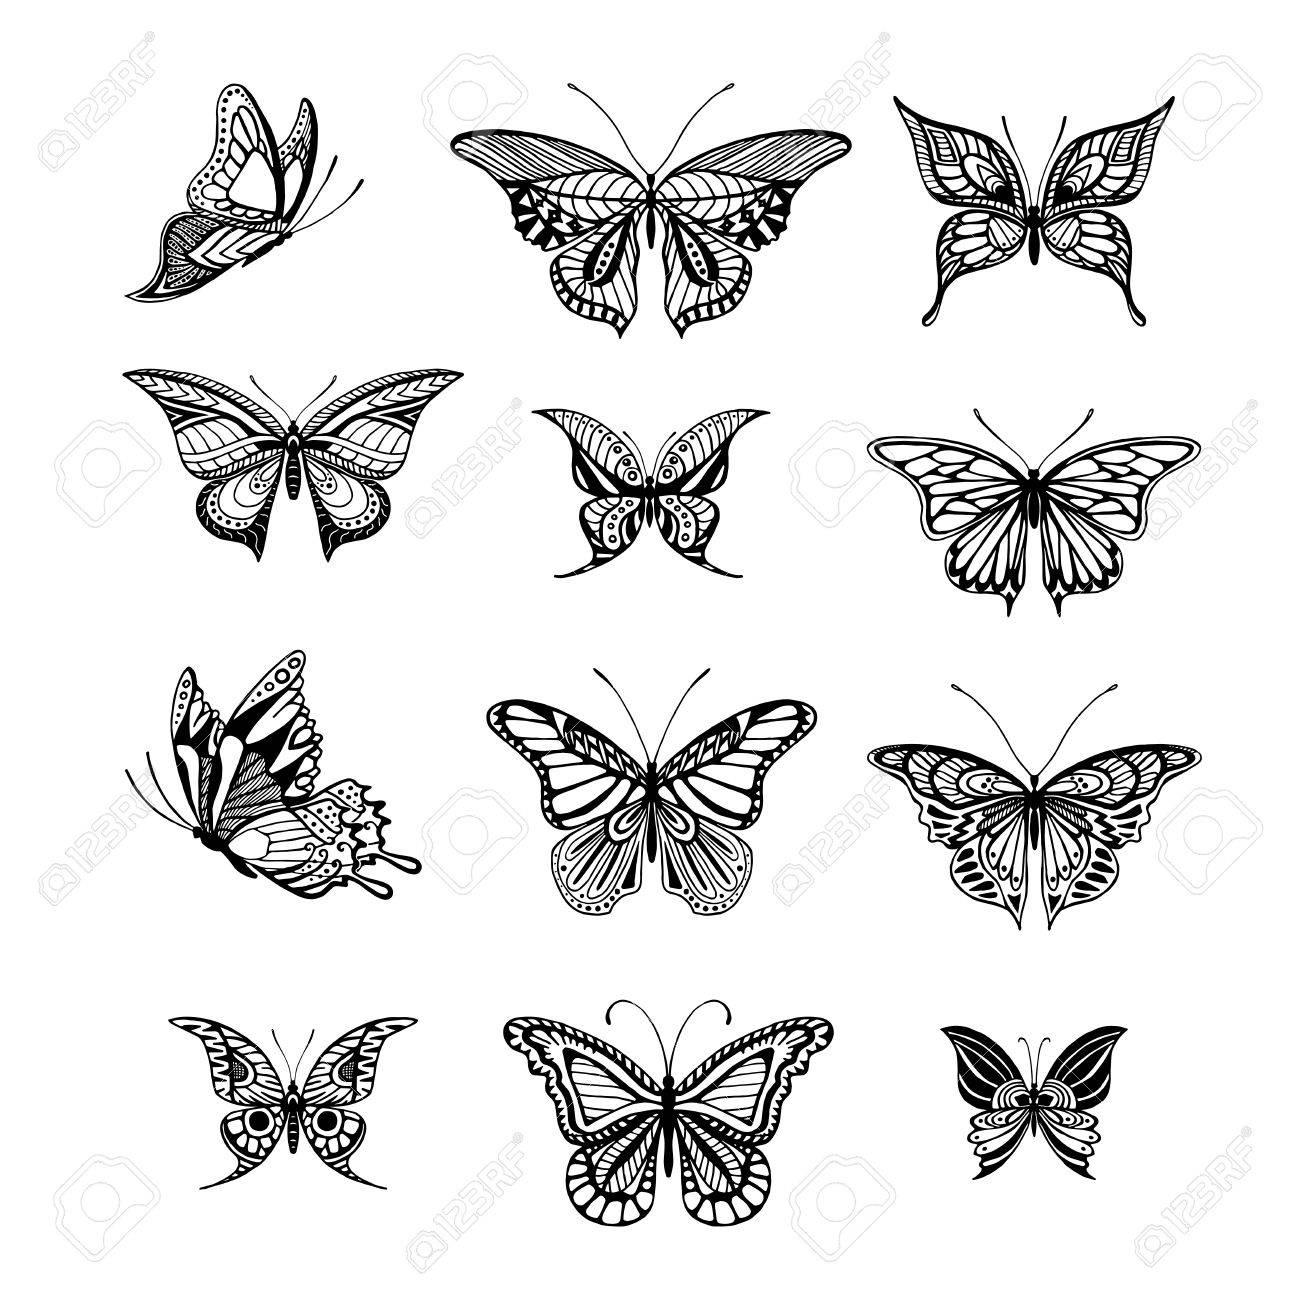 タトゥー スタイル蝶のイラストのイラスト素材ベクタ Image 51563825